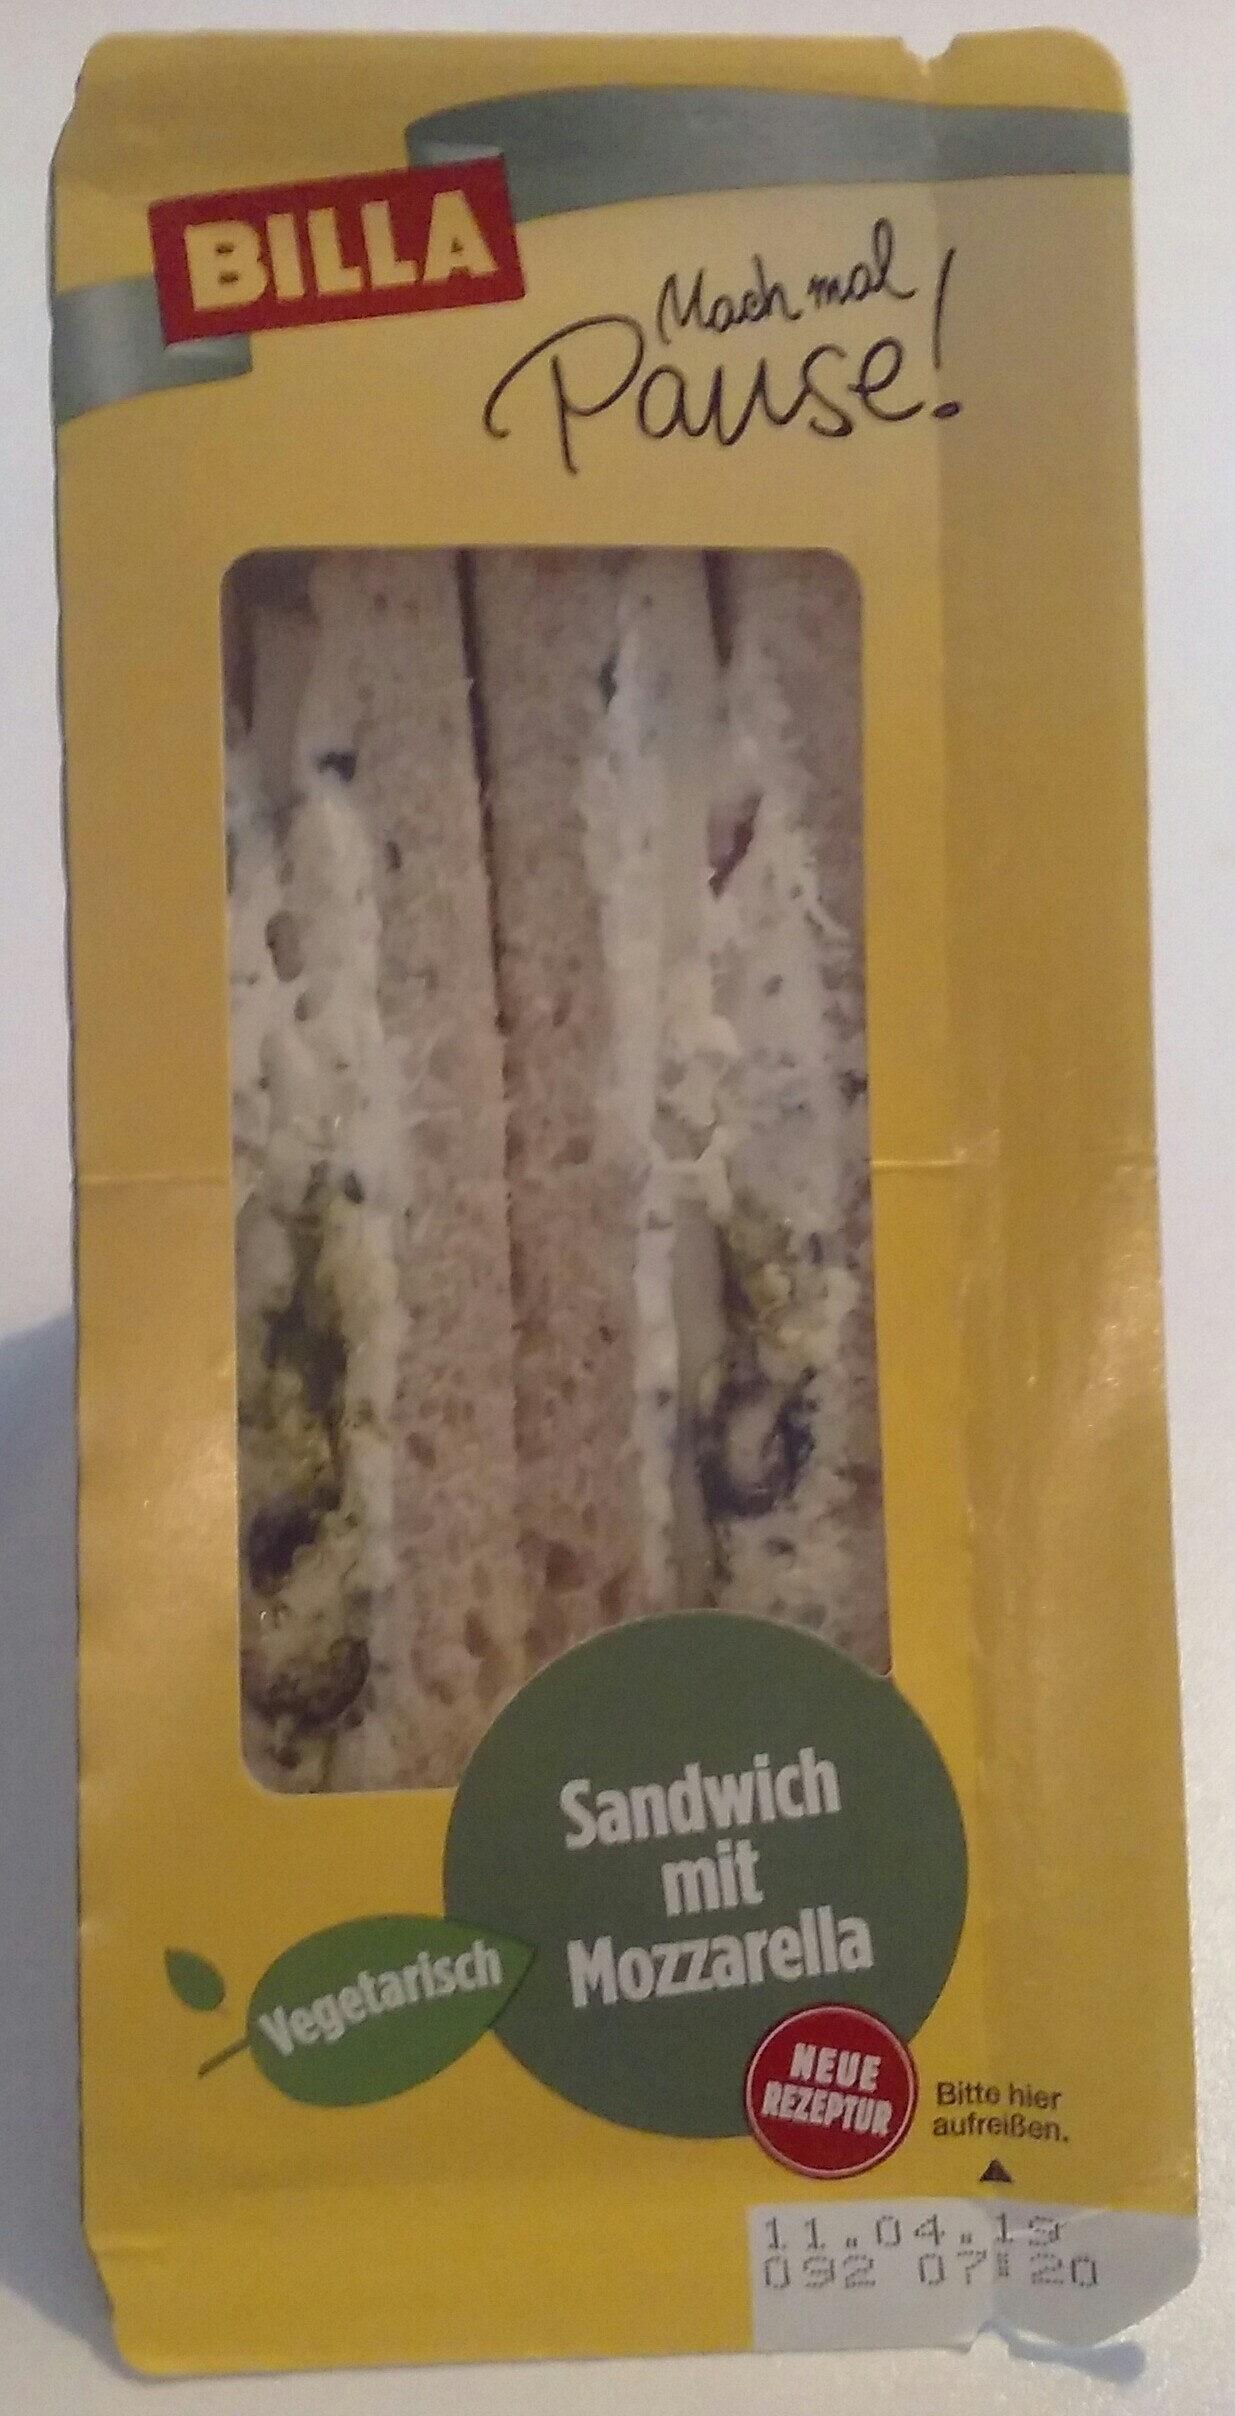 Sandwich mit Mozarella - Produit - de